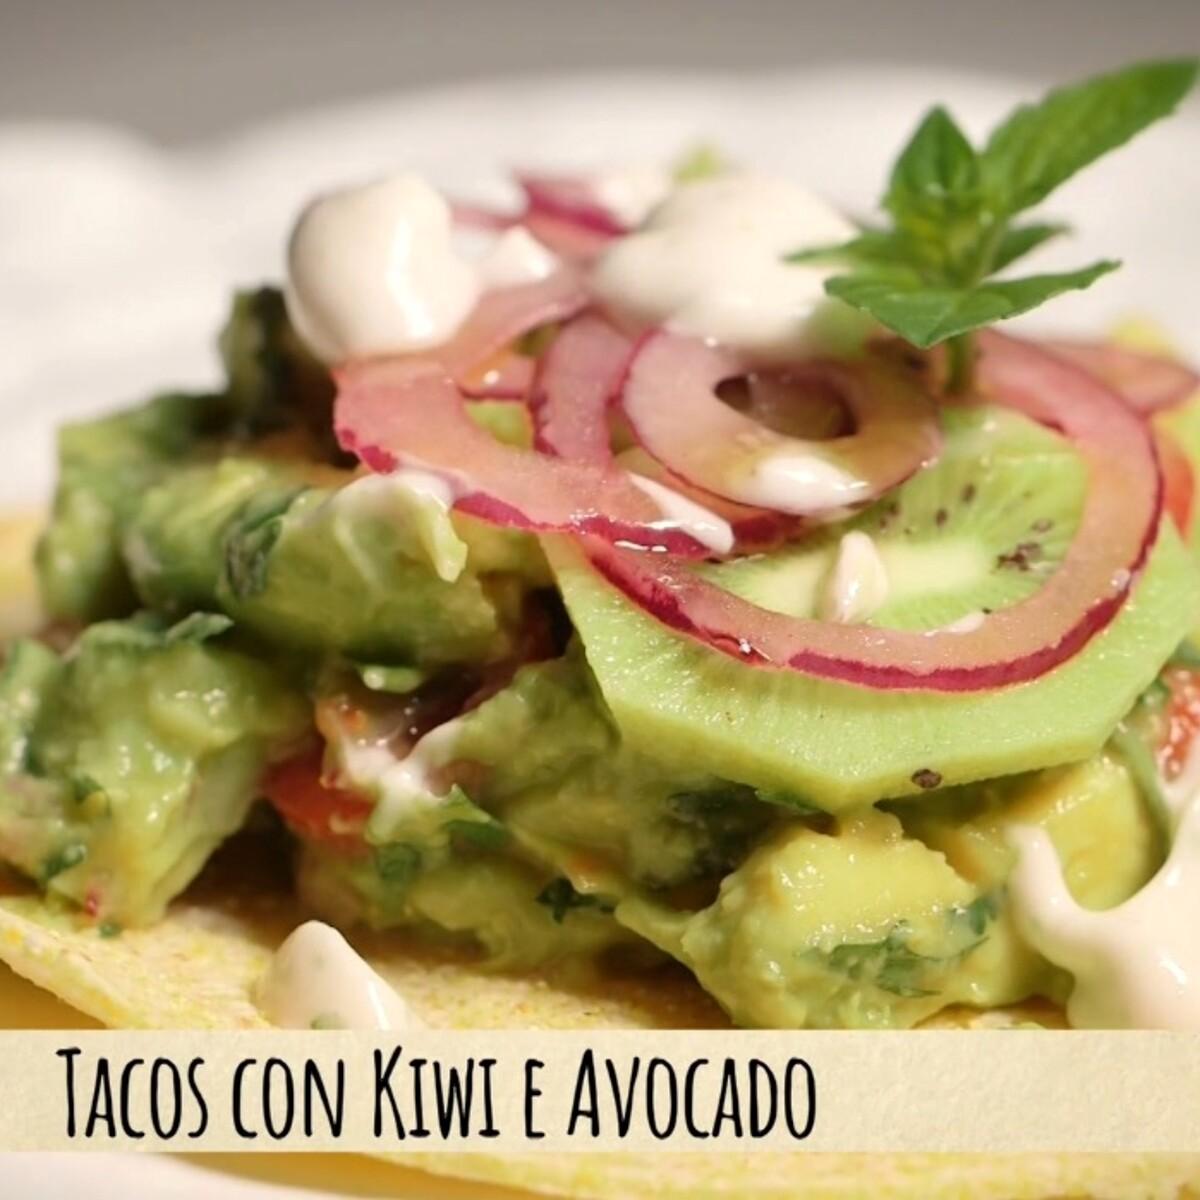 Voglia di un tacos fresco e particolare? Ecco quello con kiwi e avocado